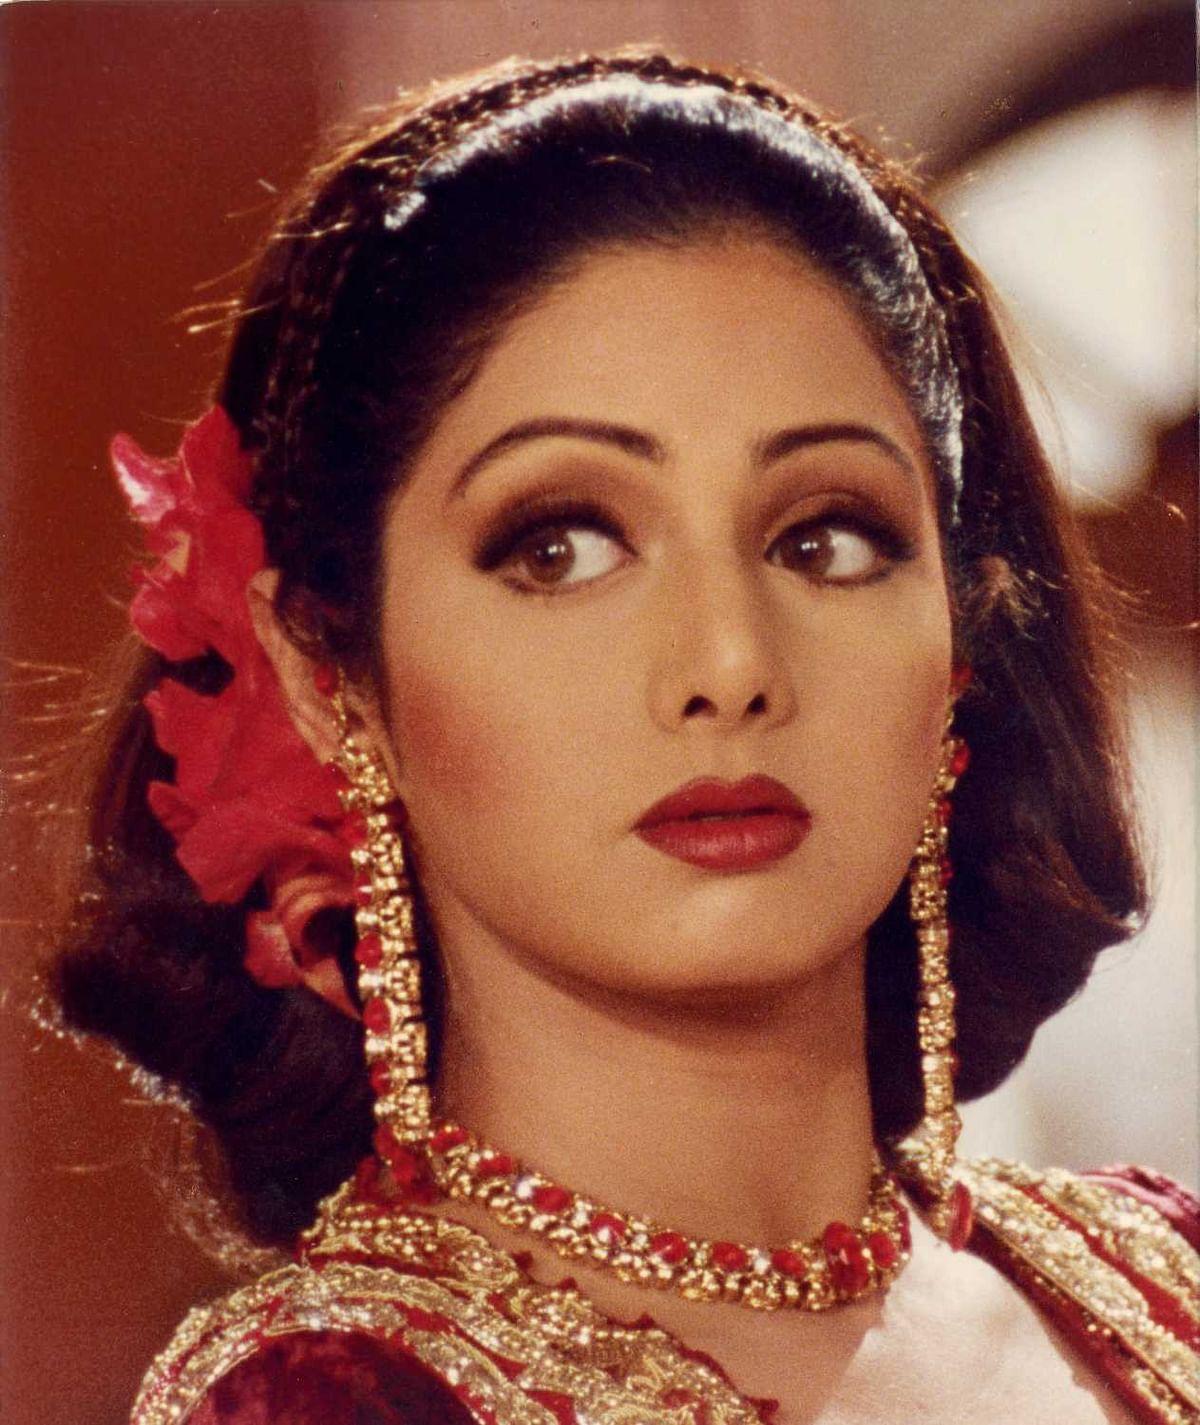 Sridevi in film Judaai in the year 1997.